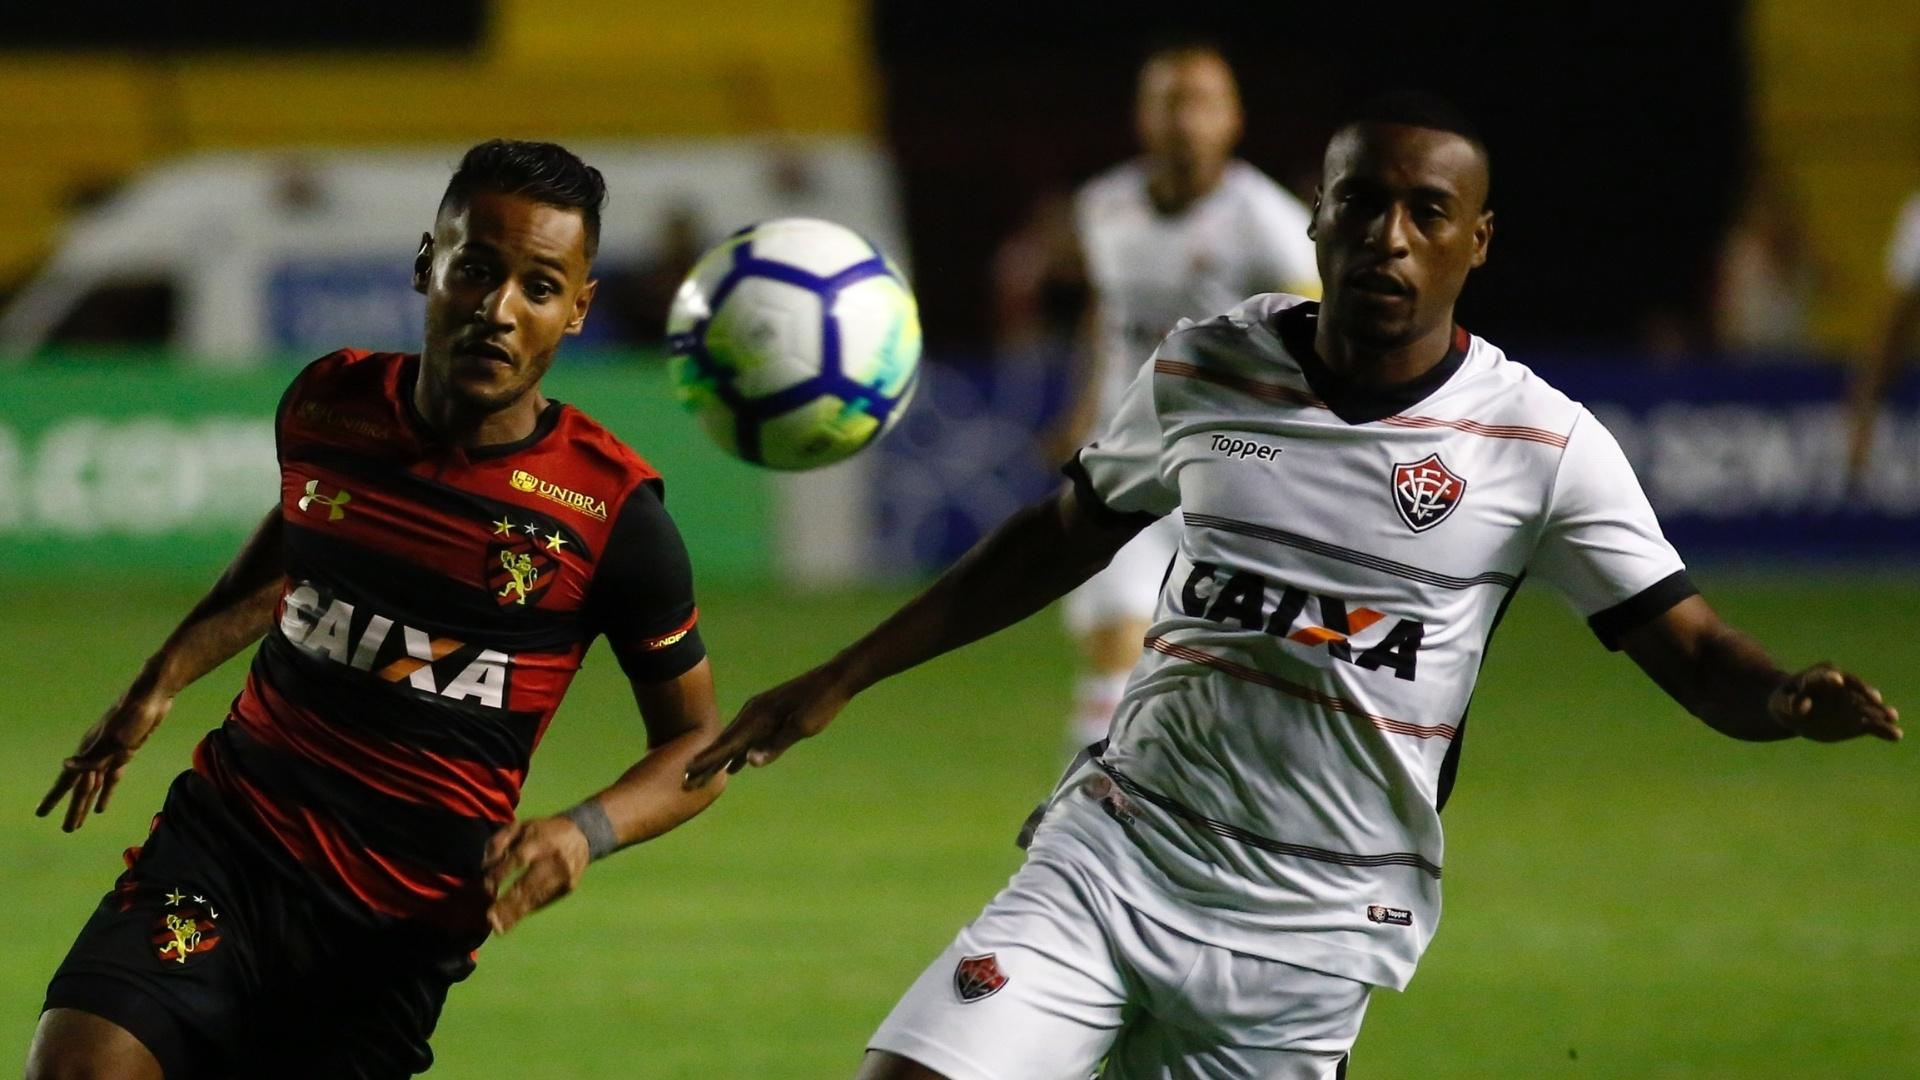 Jogadores de Sprt e Vitória disputam bola durante jogo pelo Campeonato Brasileiro